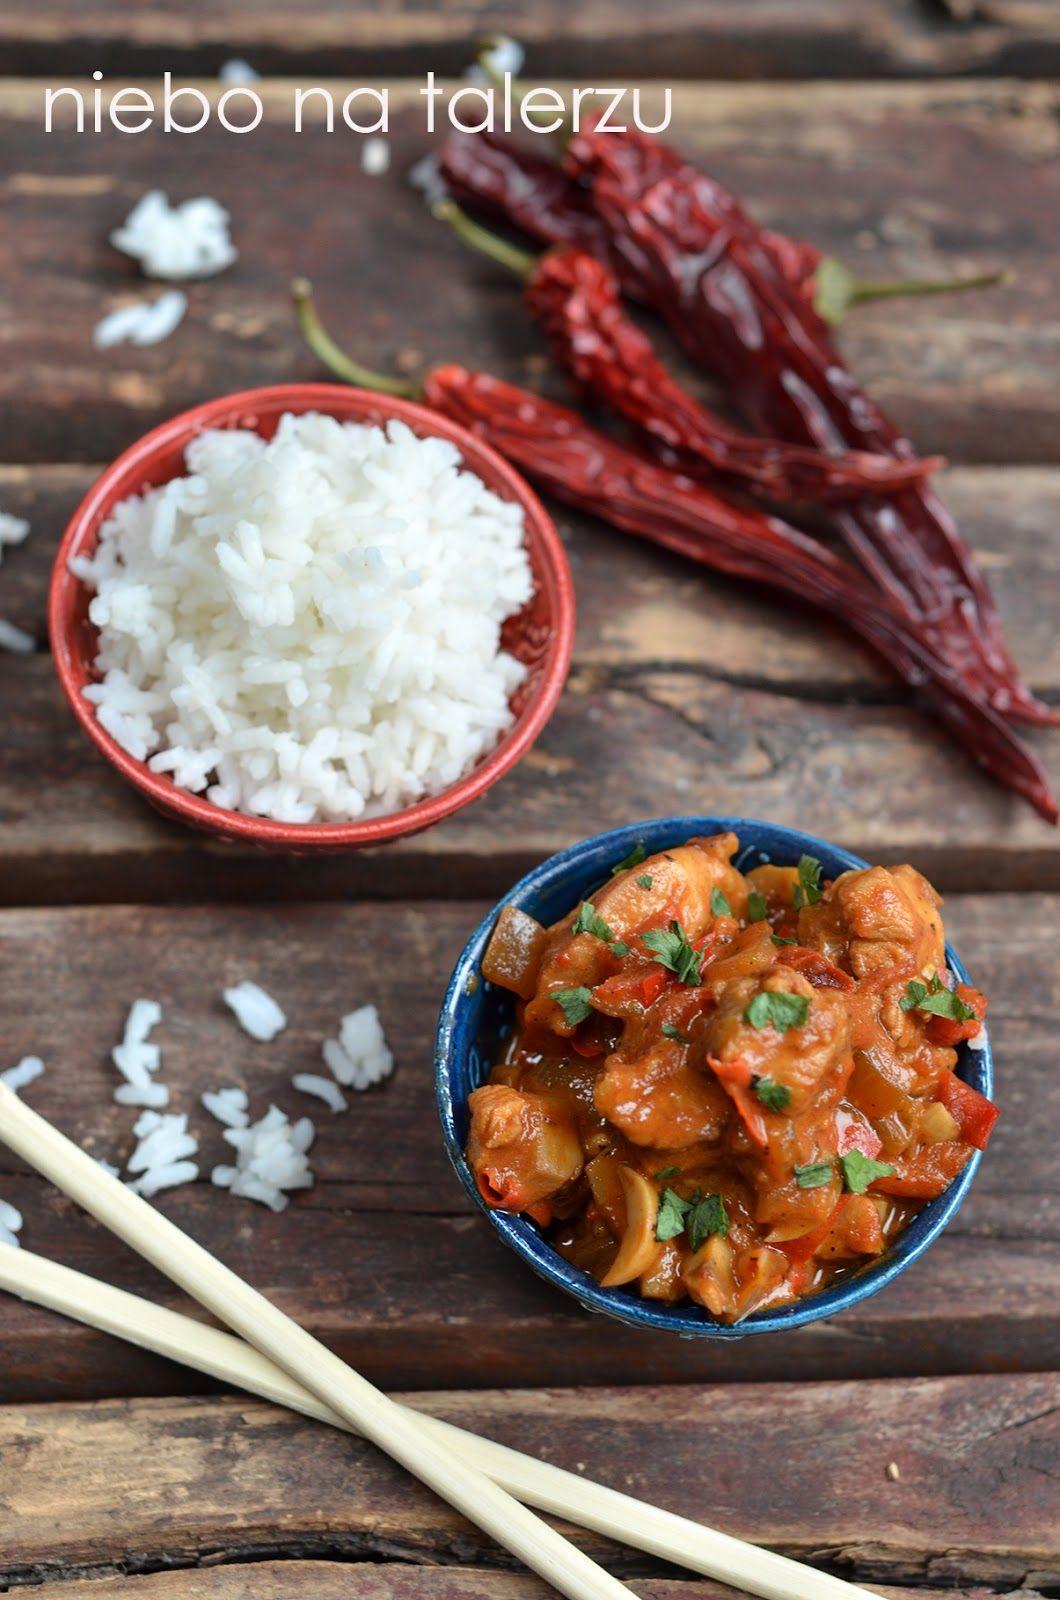 Kuchnia Indyjska Przyprawami Stoi W Restauracjach Koncentruje Sie Glownie Na Ilosci Papryczek W Menu Bo Hindusi Maja Indian Food Recipes Cooking Food Awards